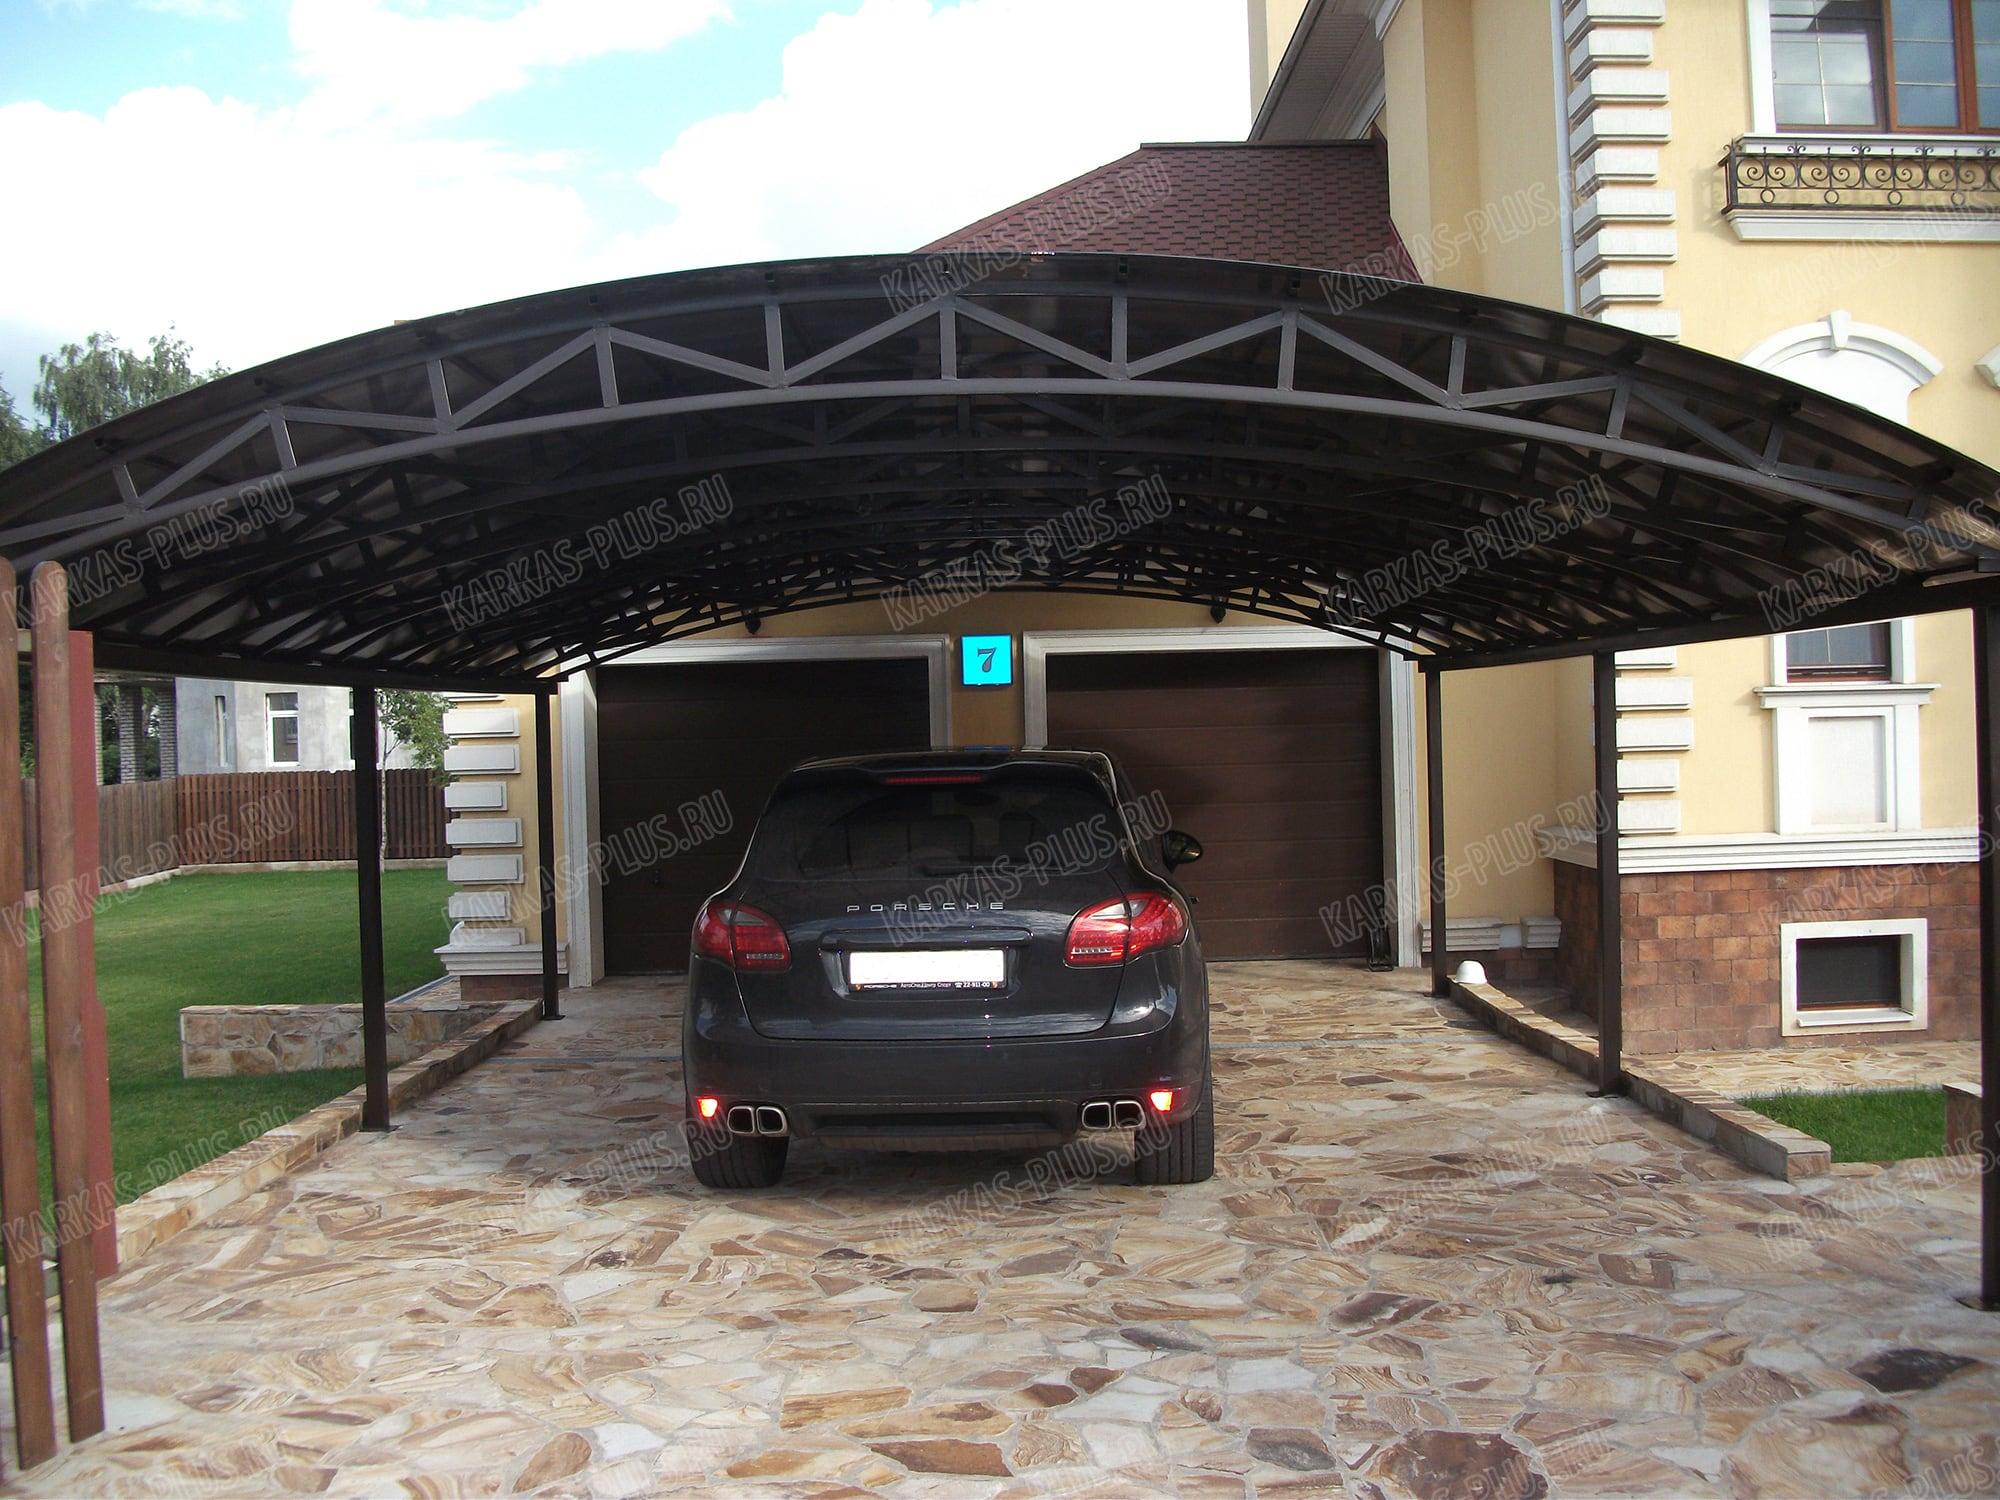 Стоянка своими руками: для машины, на даче, как сделать, из щебня 3